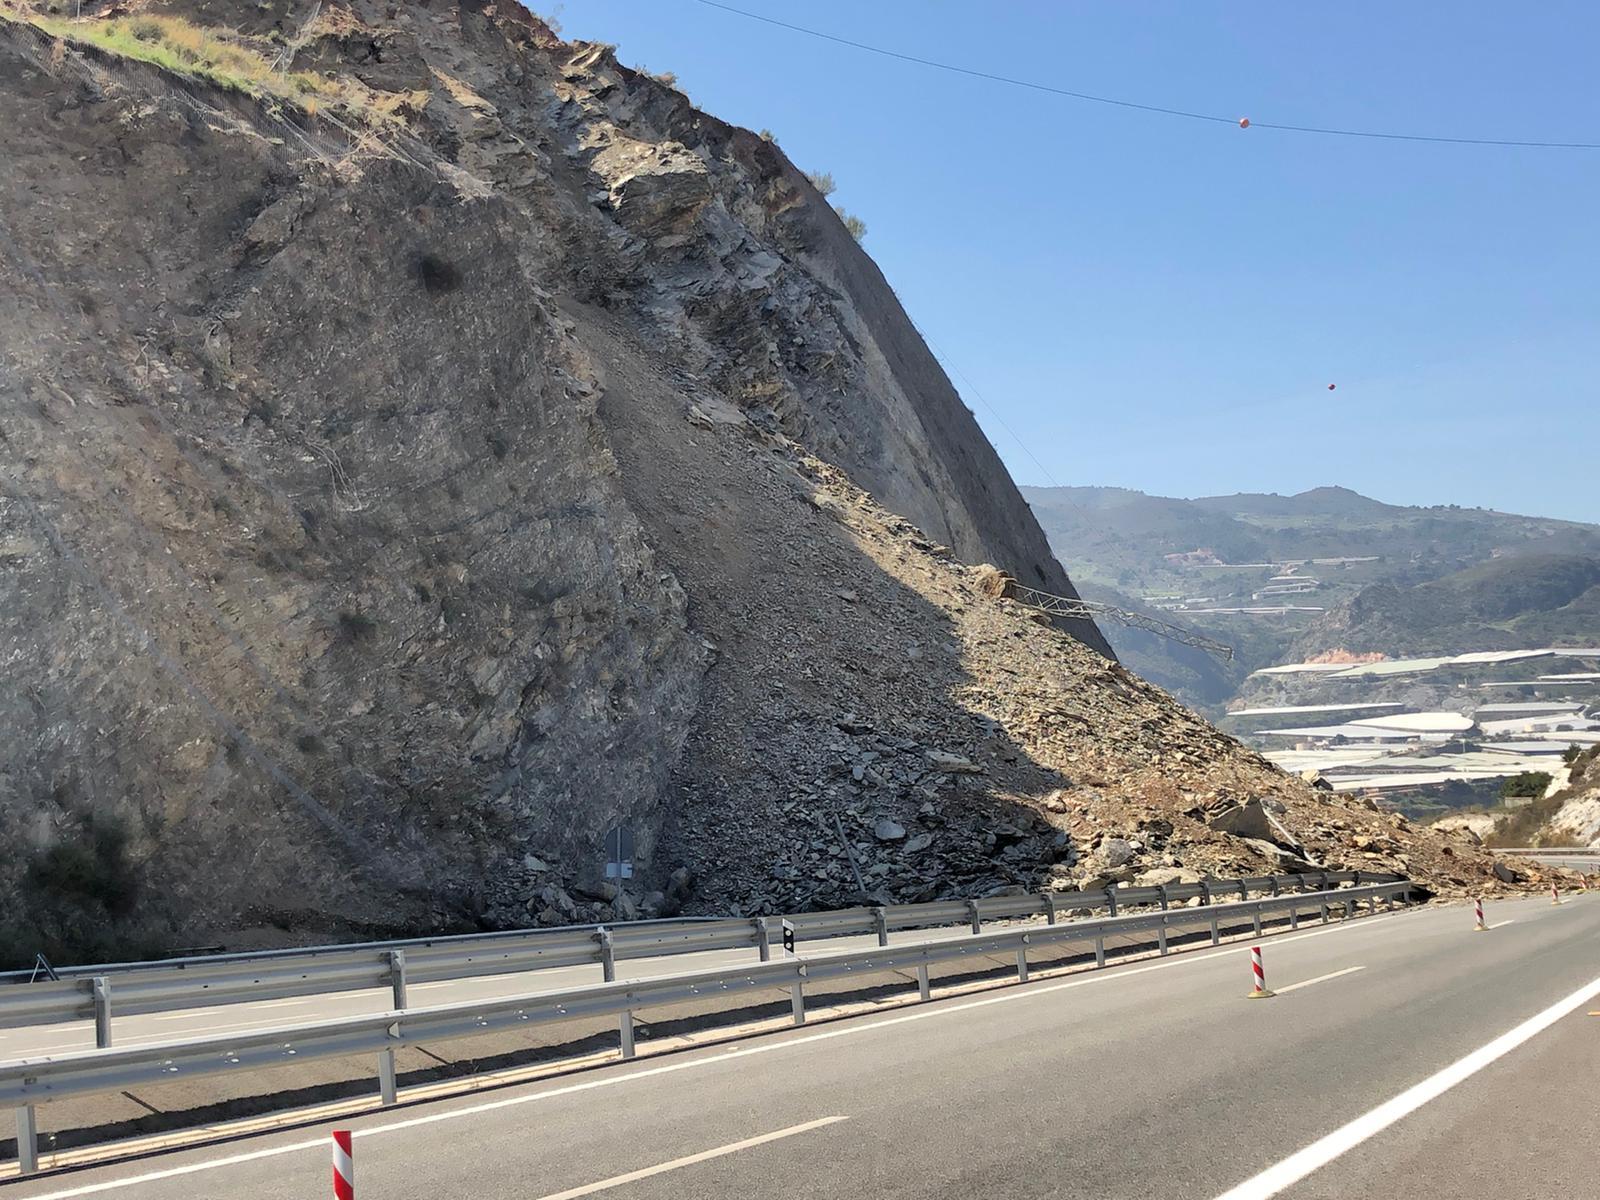 Investigadores de la UGR analizan el deslizamiento del talud de la autovía A-7 en Castell de Ferro